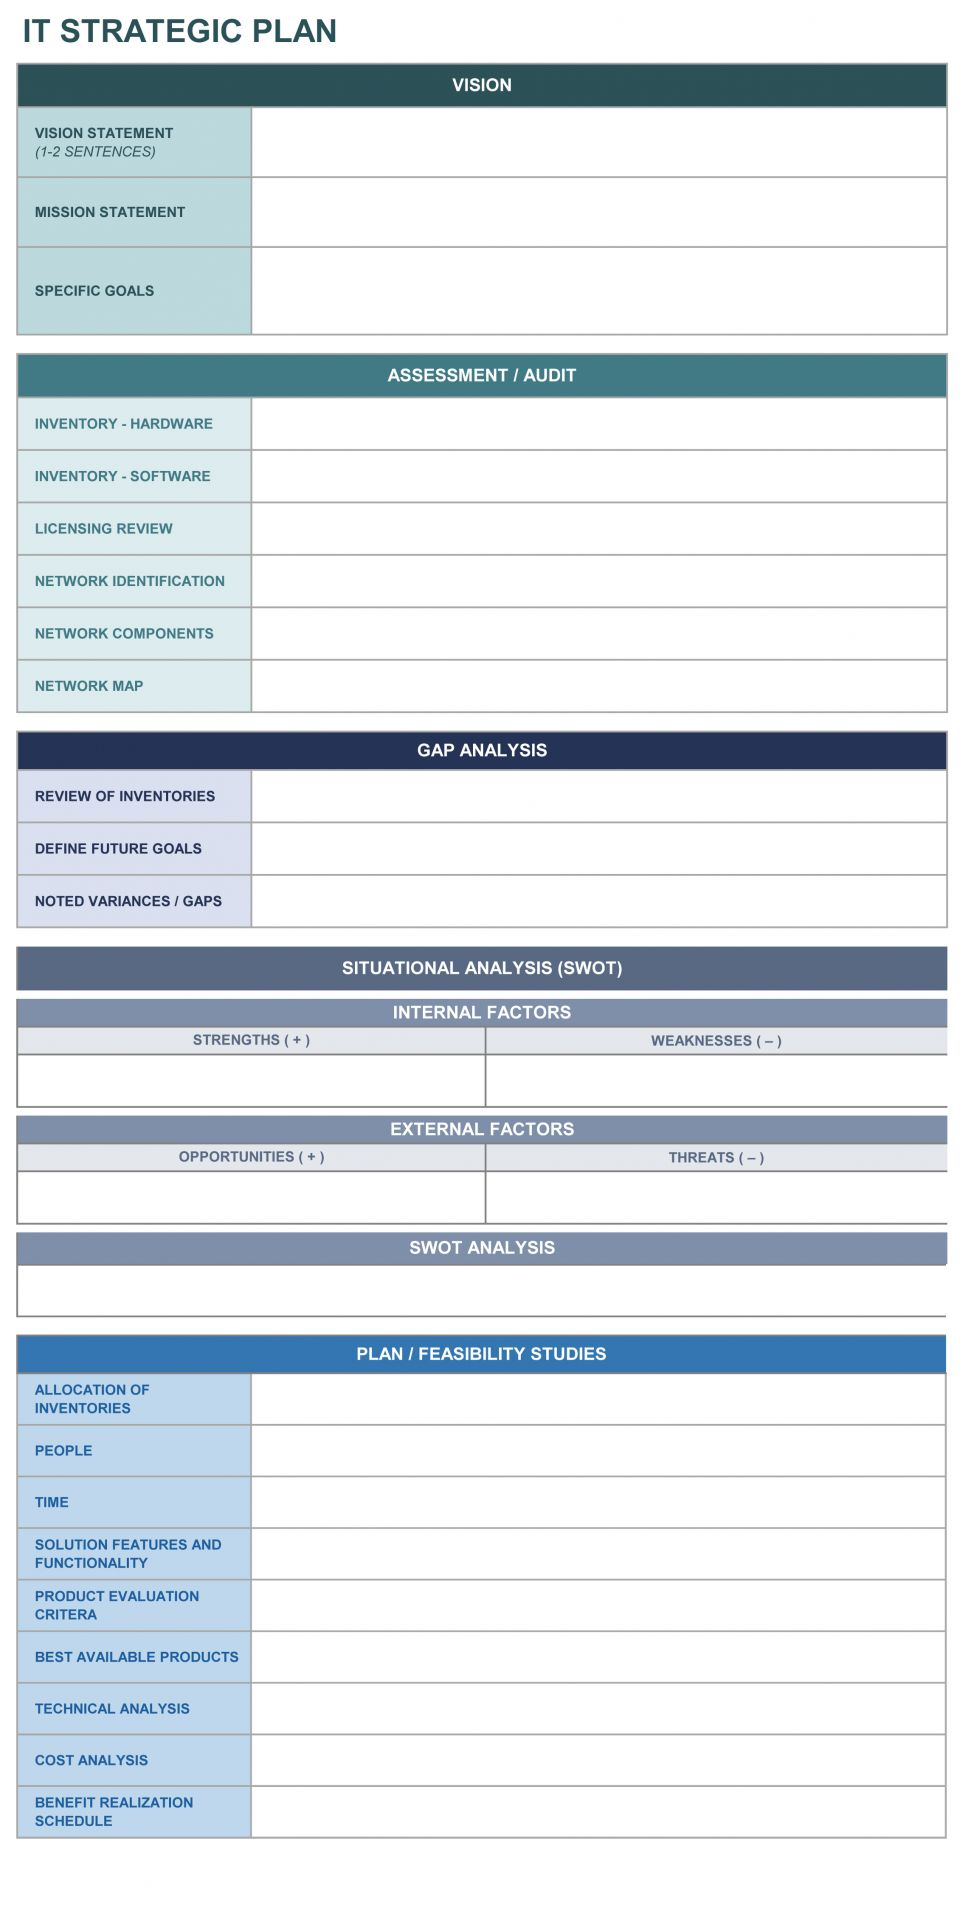 beginner s guide to it infrastructure management smartsheet rh smartsheet com Computer Security Network Infrastructure